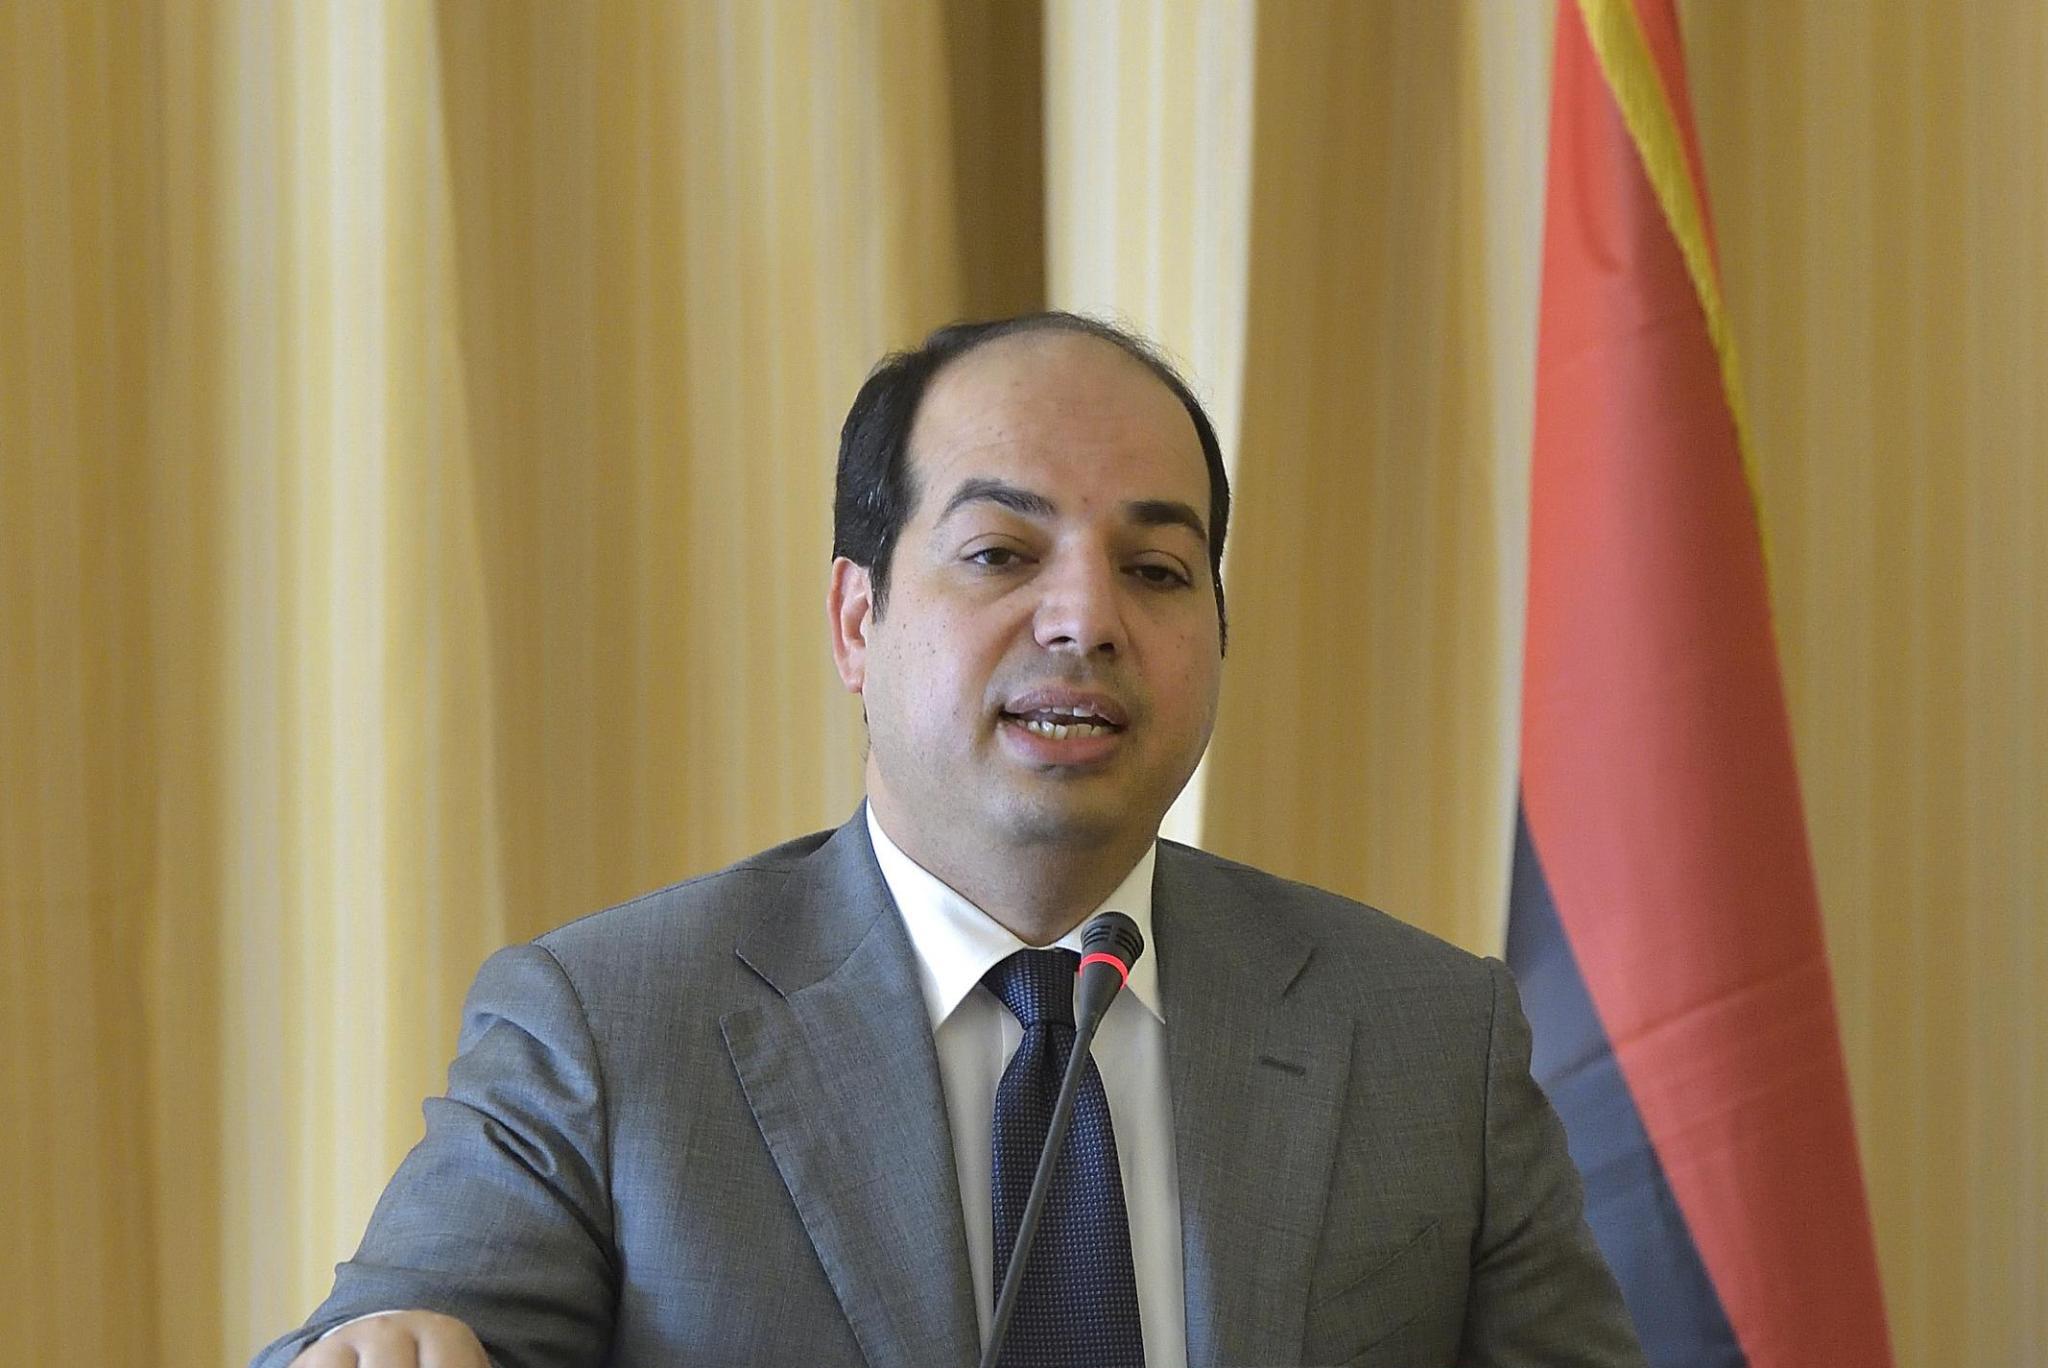 Ahmed Omar Maiteeq of Libya warns Donald Trump of Khalifa Haftar